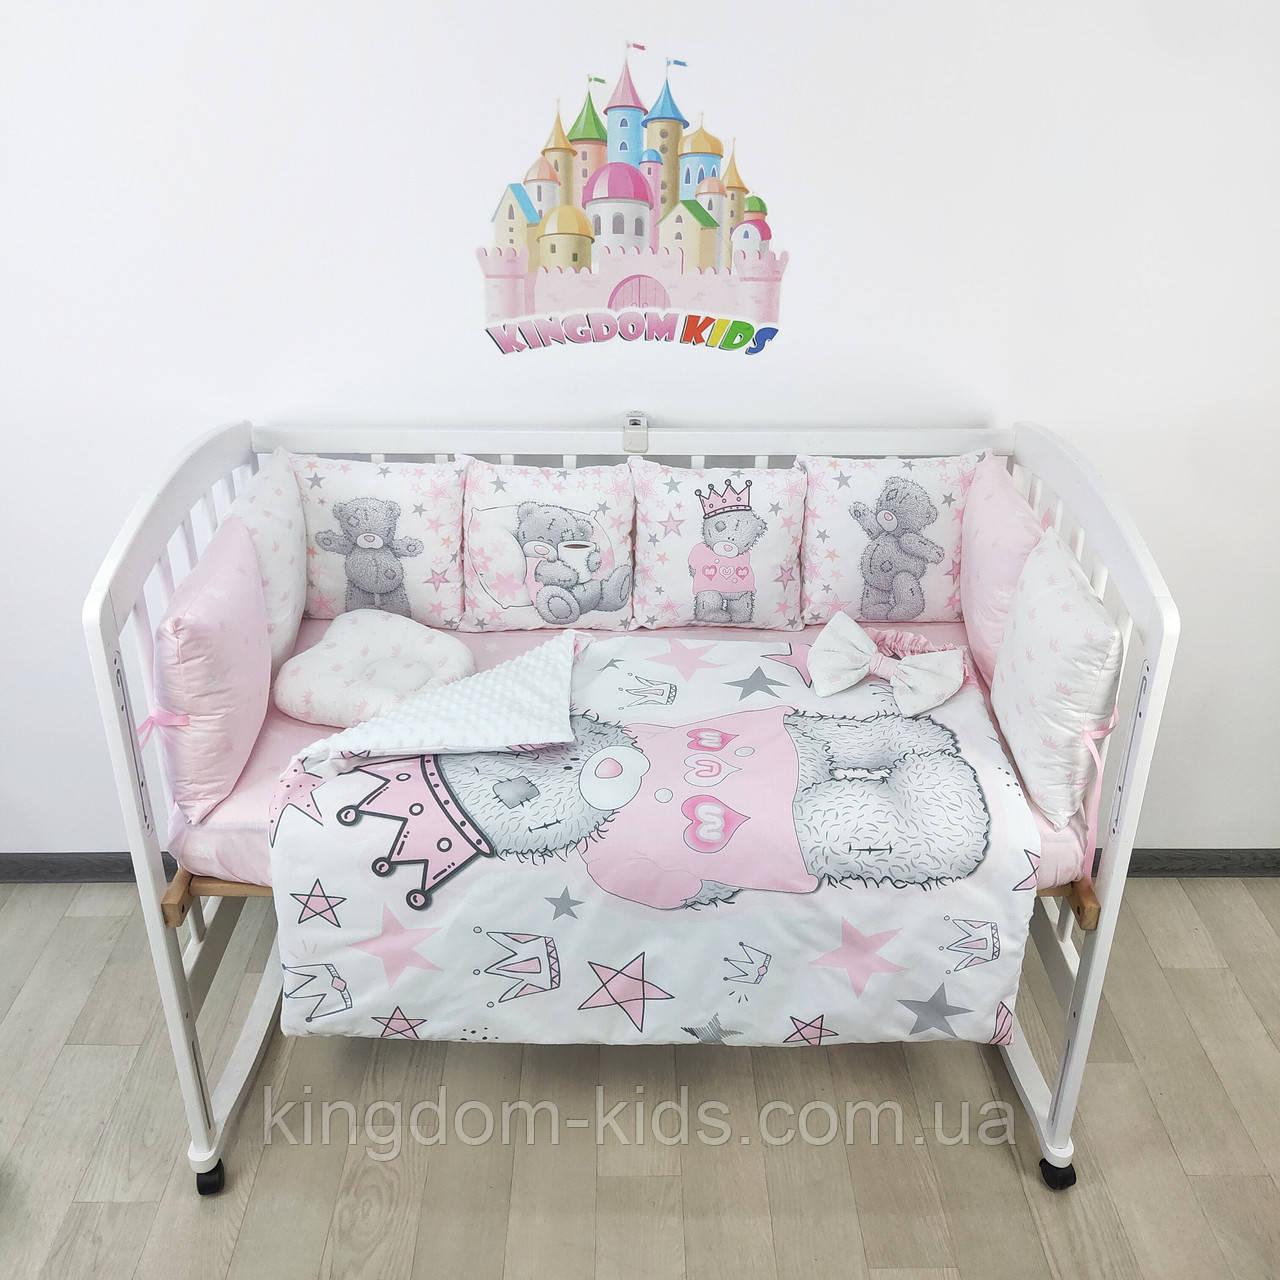 Комплект бортиков и постельного в кроватку с мишками Тедди в нежно-розовых тонах на 3 стороны - 8 подушечек со съемными наволочками!